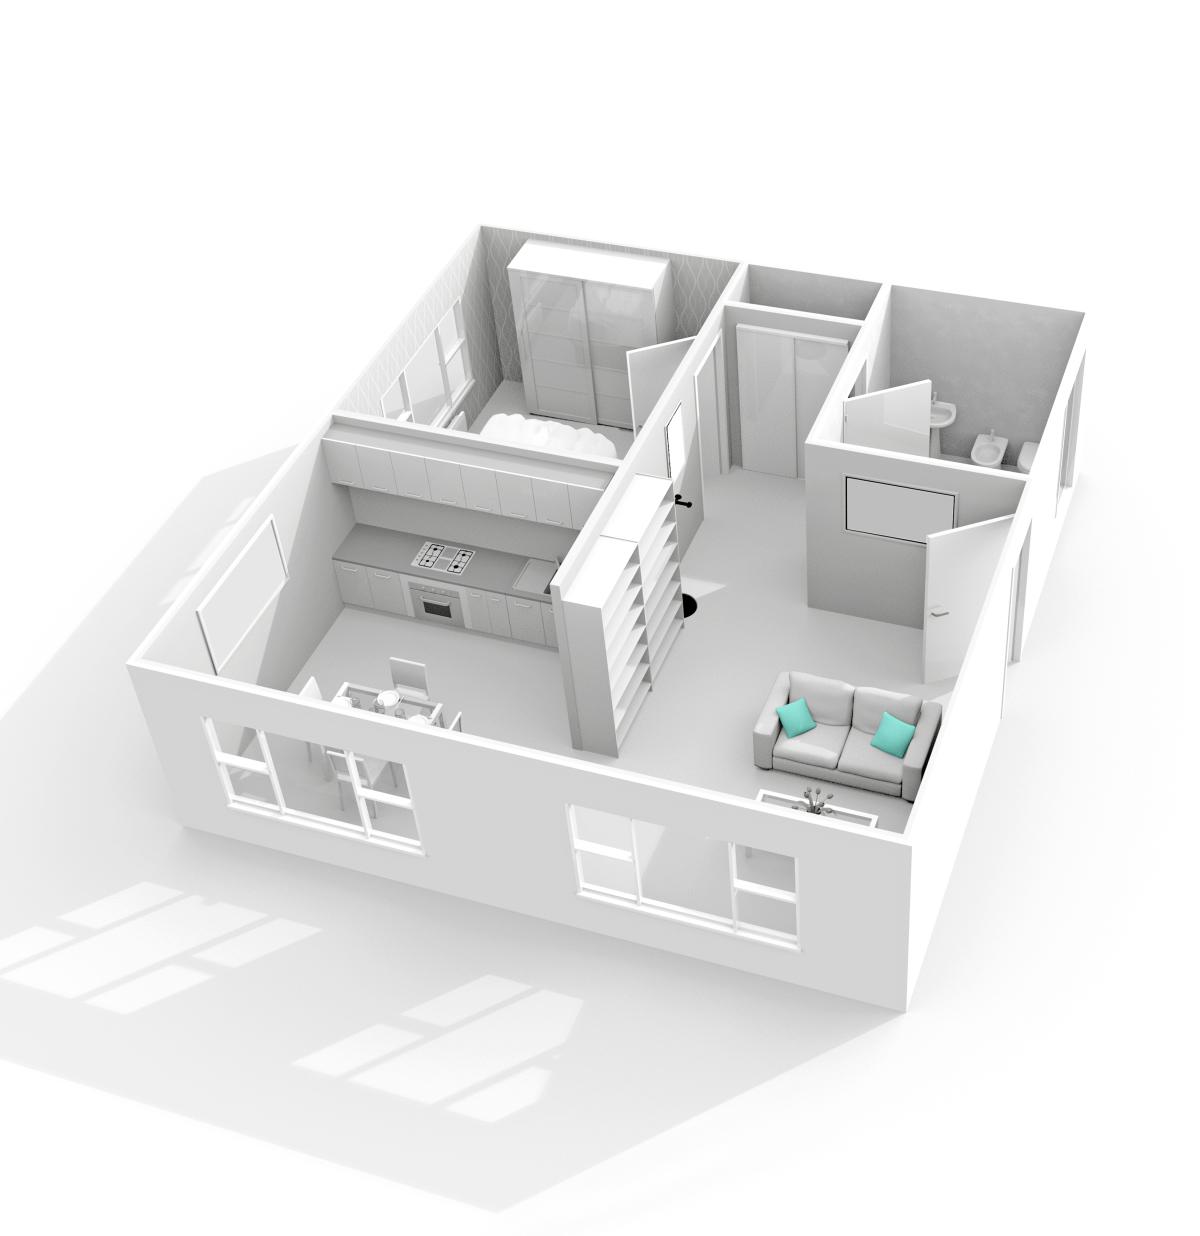 conseils investissement immobilier - Un plan d'un logement neuf en 3D